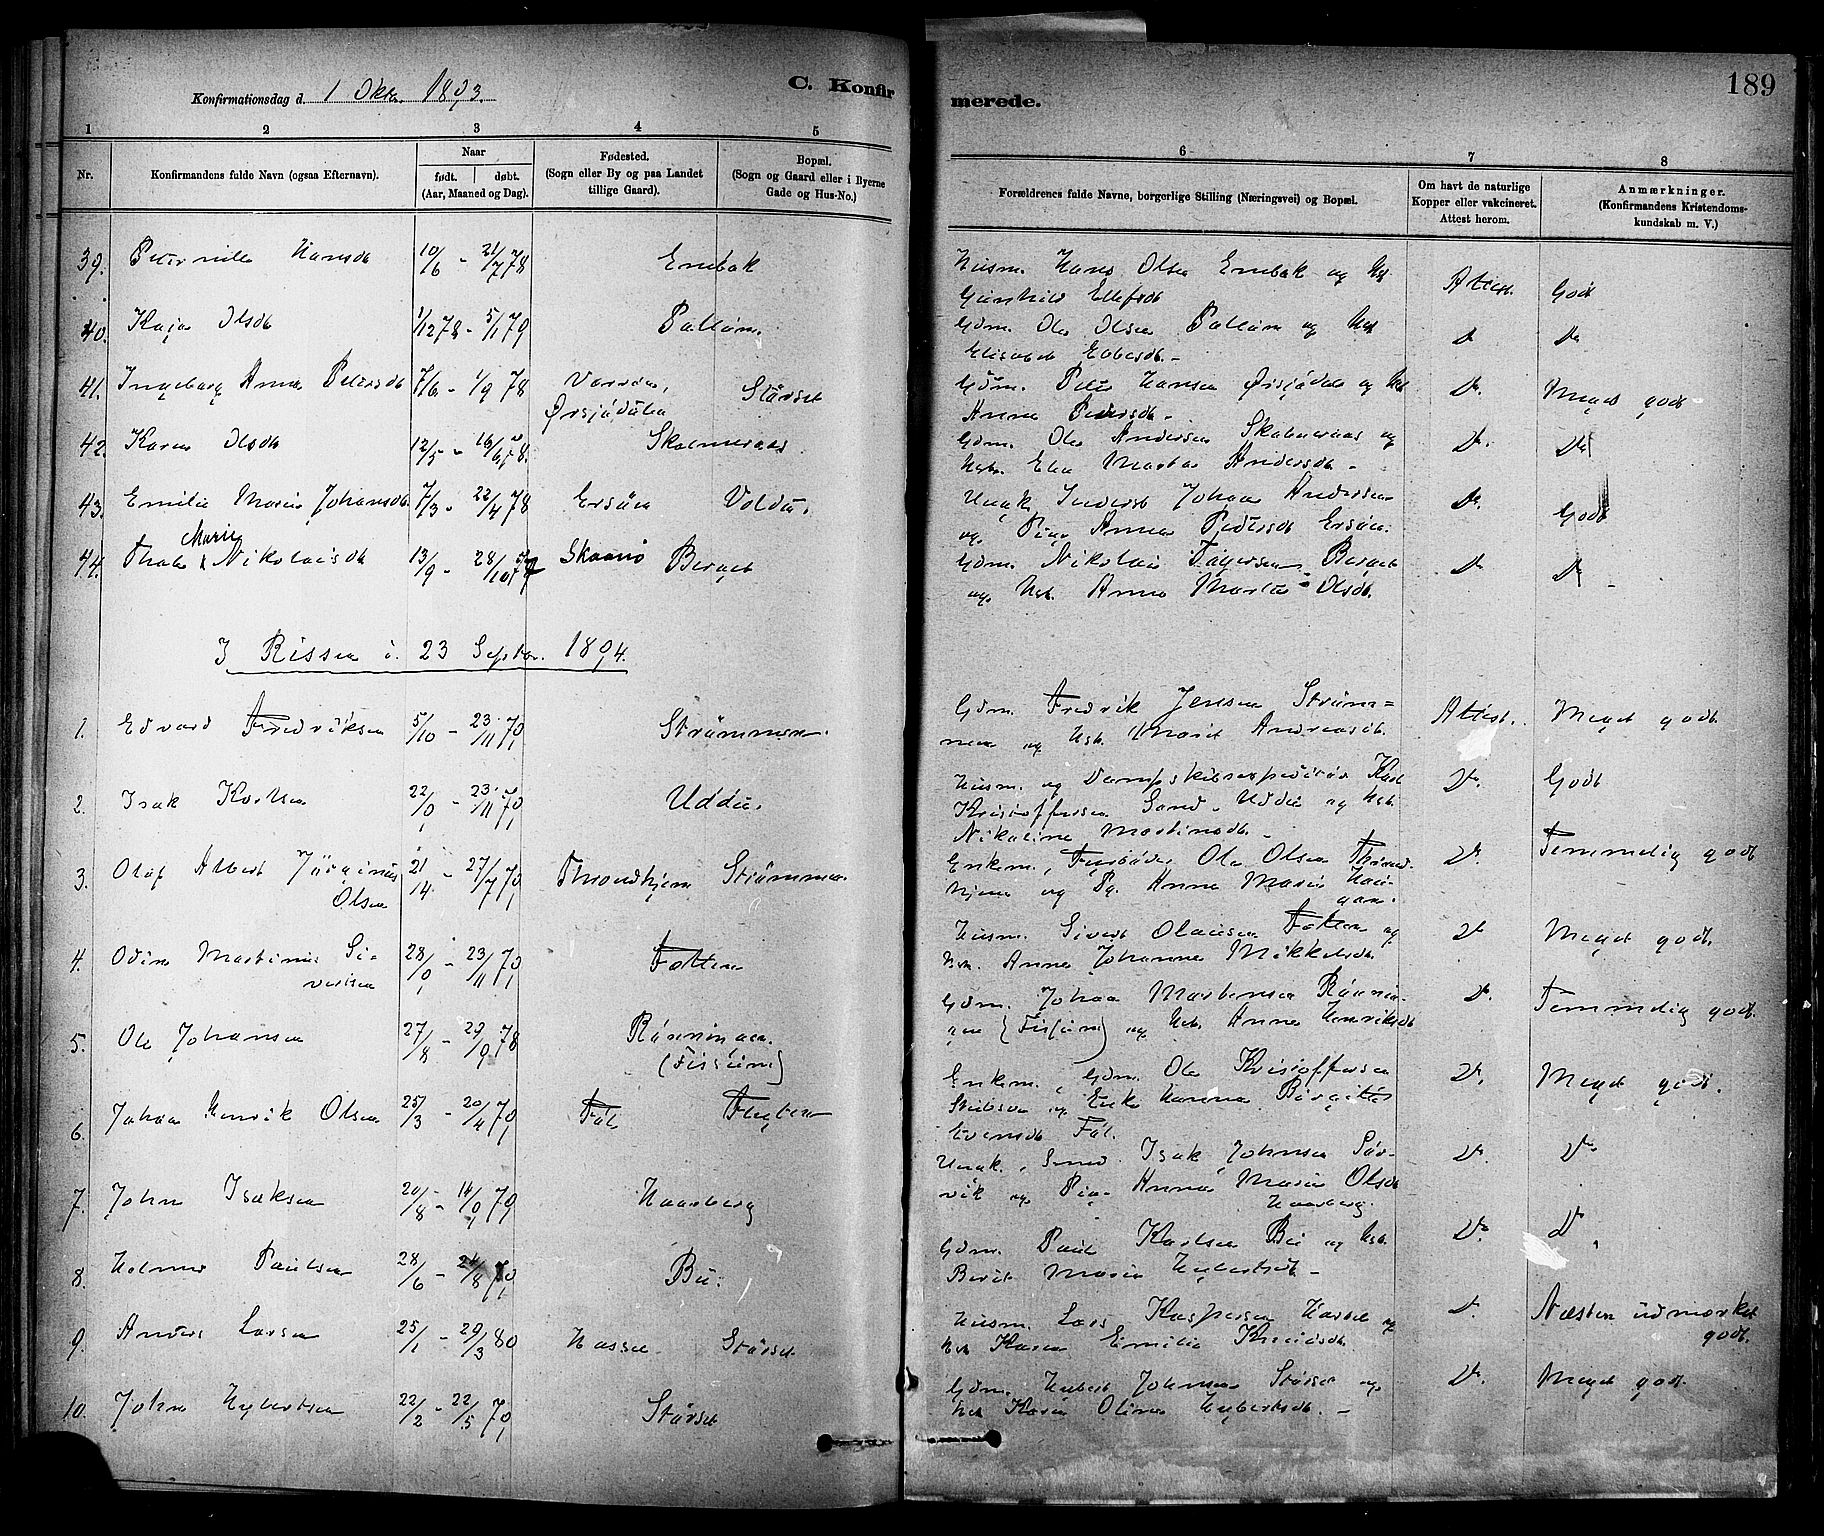 SAT, Ministerialprotokoller, klokkerbøker og fødselsregistre - Sør-Trøndelag, 647/L0634: Ministerialbok nr. 647A01, 1885-1896, s. 189